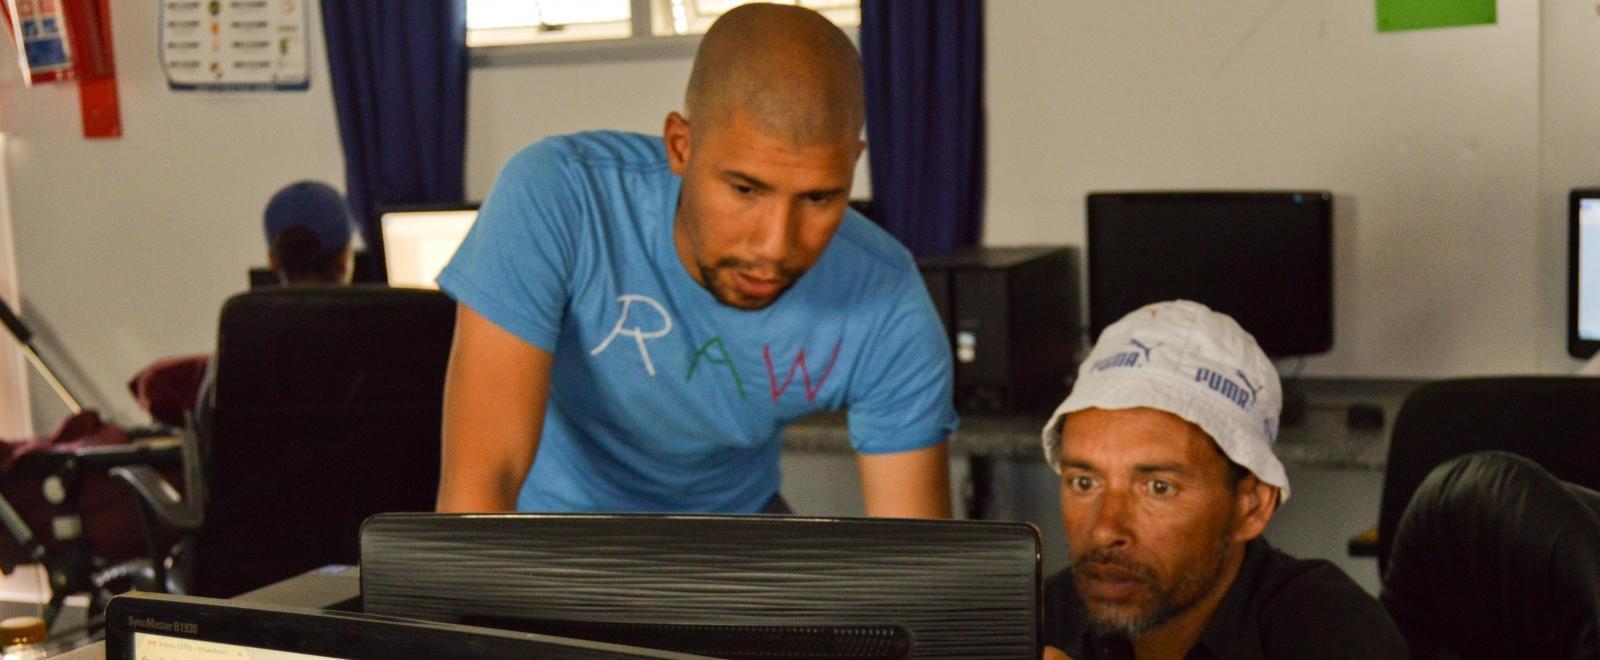 Voluntario ayudando a un estudiante de informática en Sudáfrica.